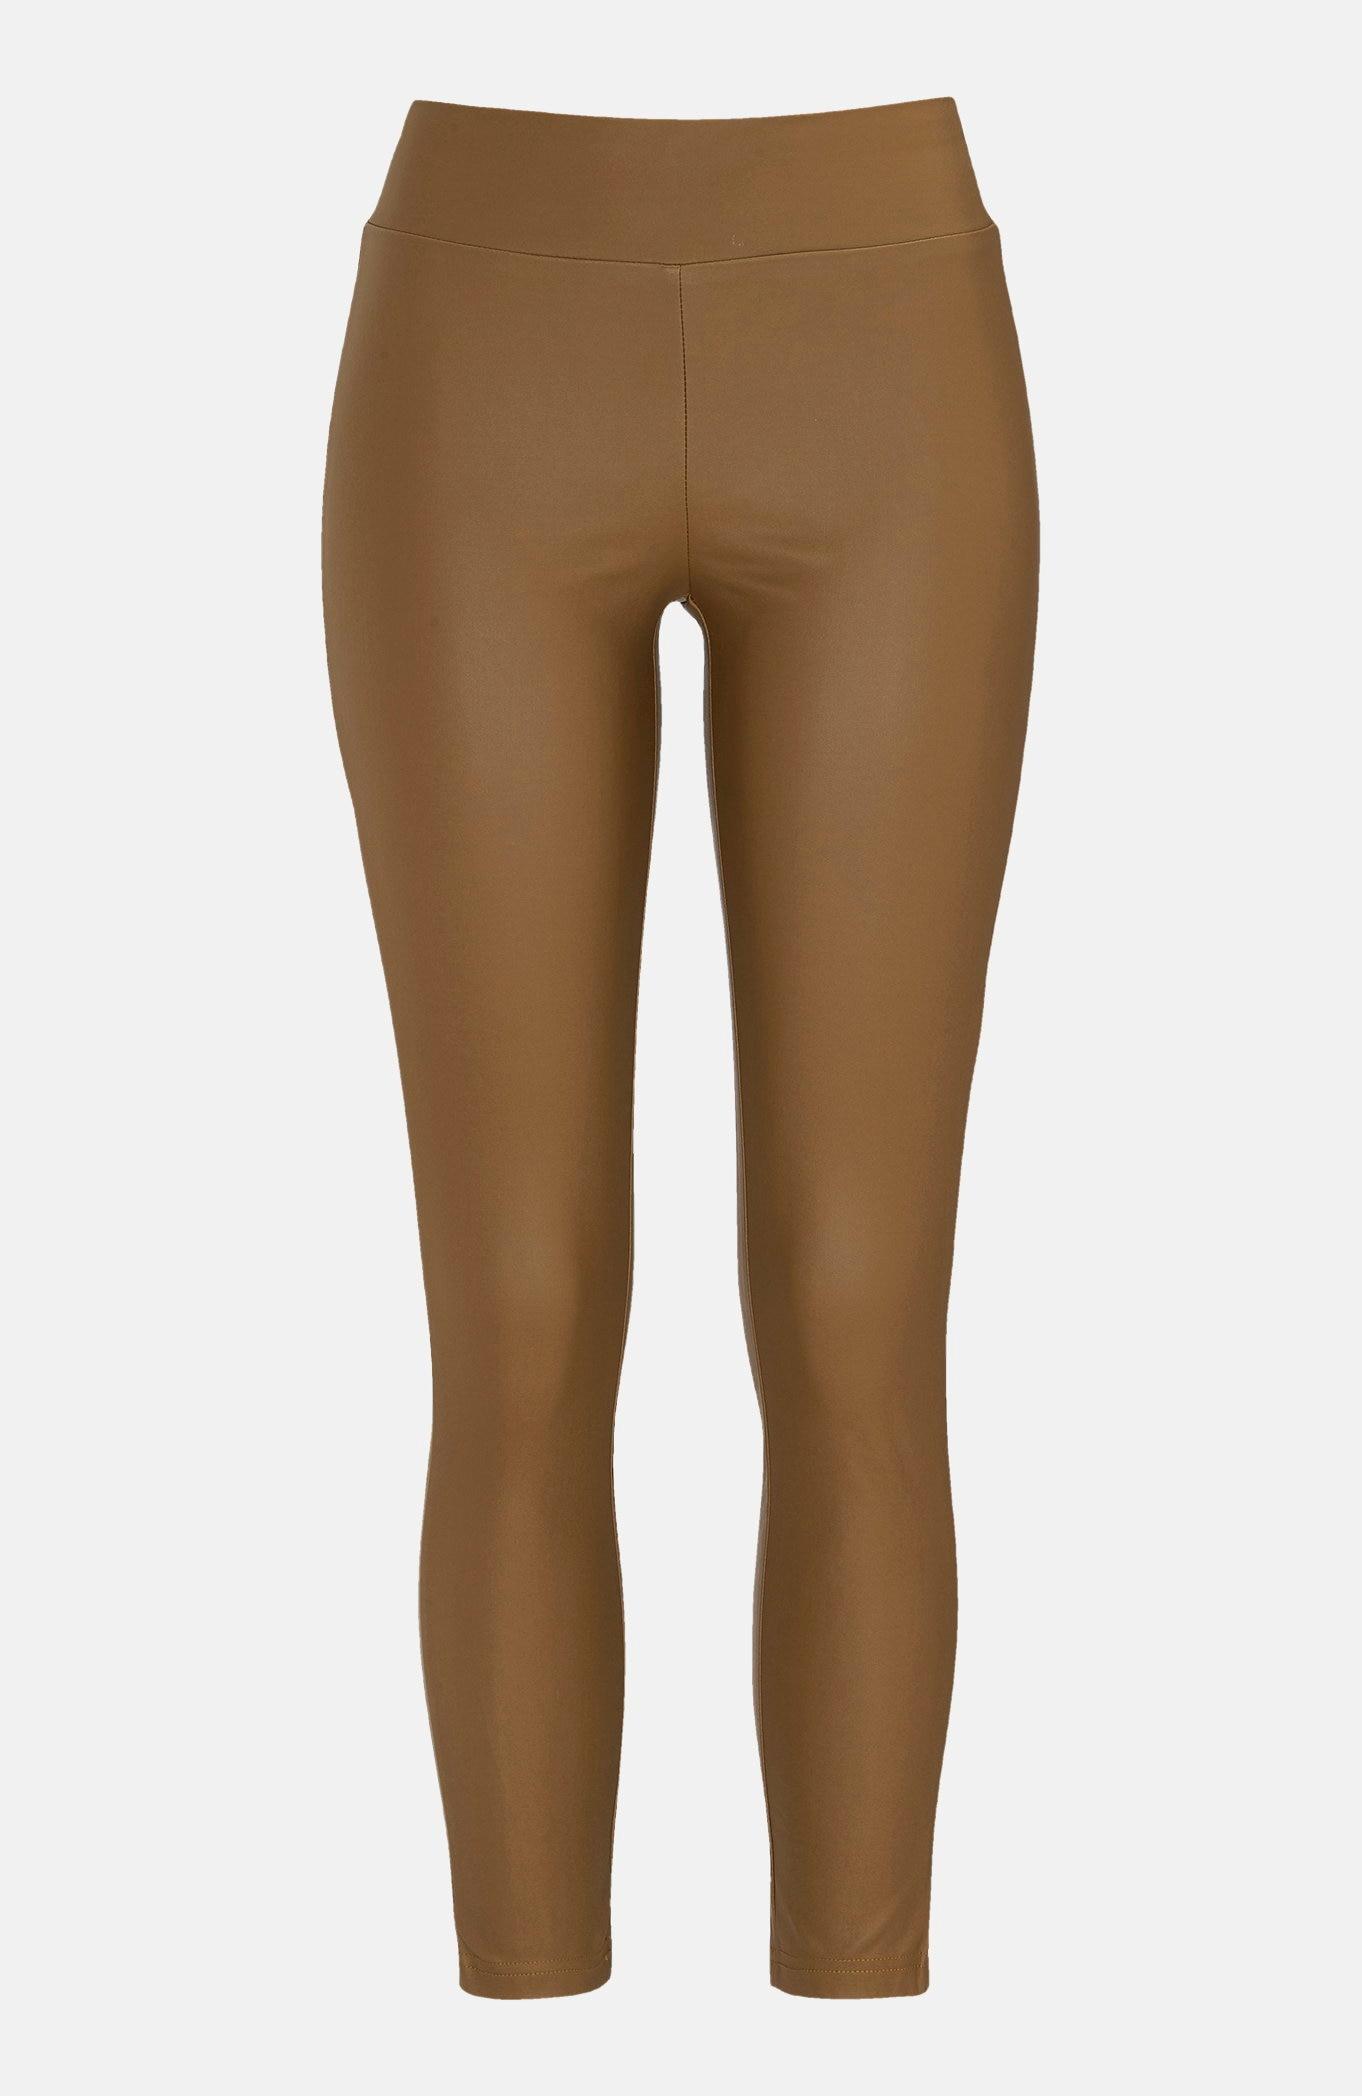 Bukse i imitert skinn Pam